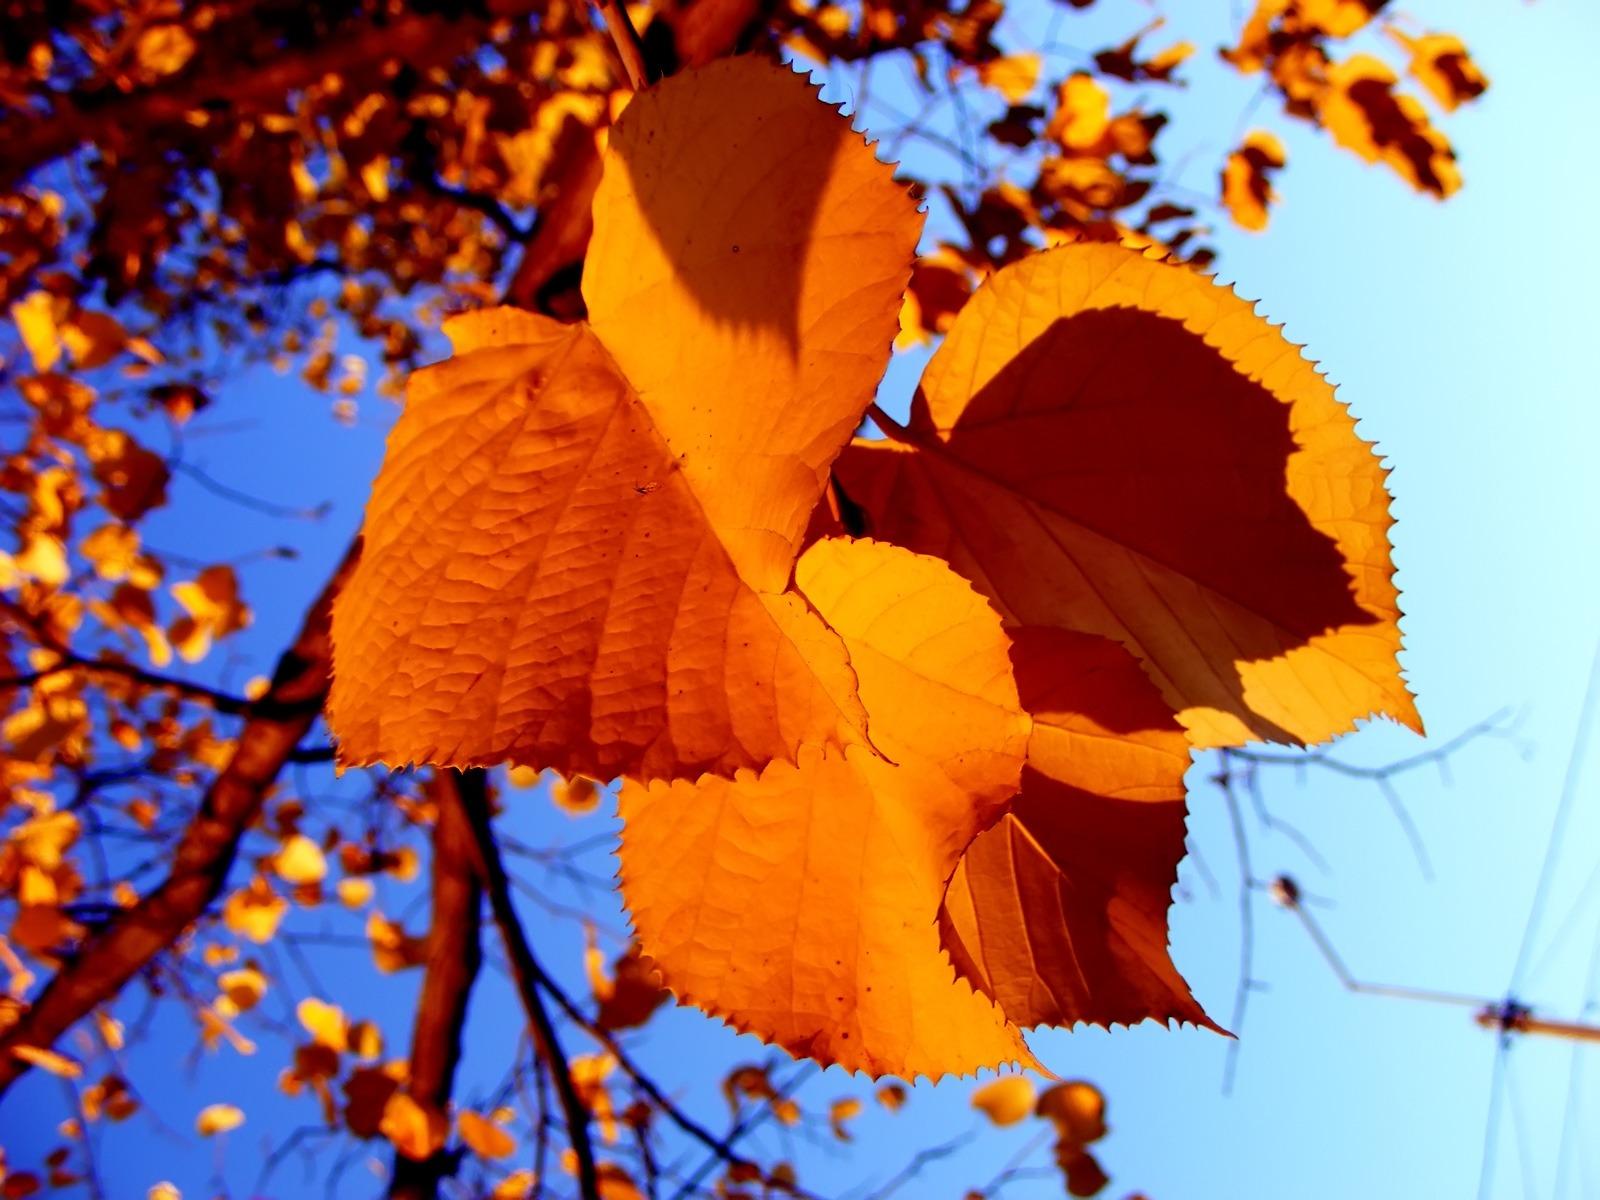 осень, листья, скачать фото, обои для рабочего стола